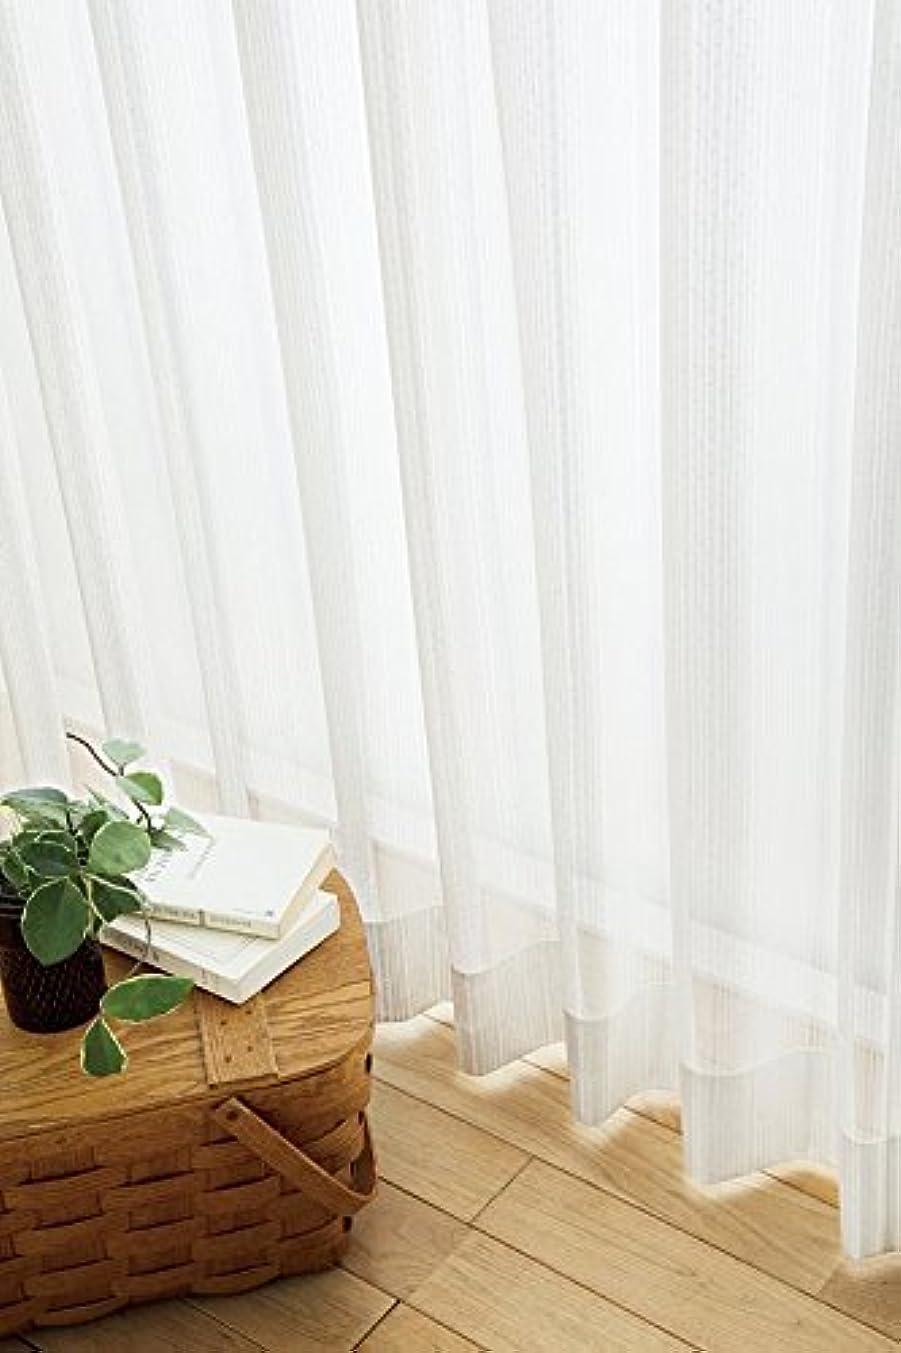 誰が枠実装する東リ すっきりしたストライプ フラットカーテン1.3倍ヒダ KSA60492 幅:300cm ×丈:190cm (2枚組)オーダーカーテン